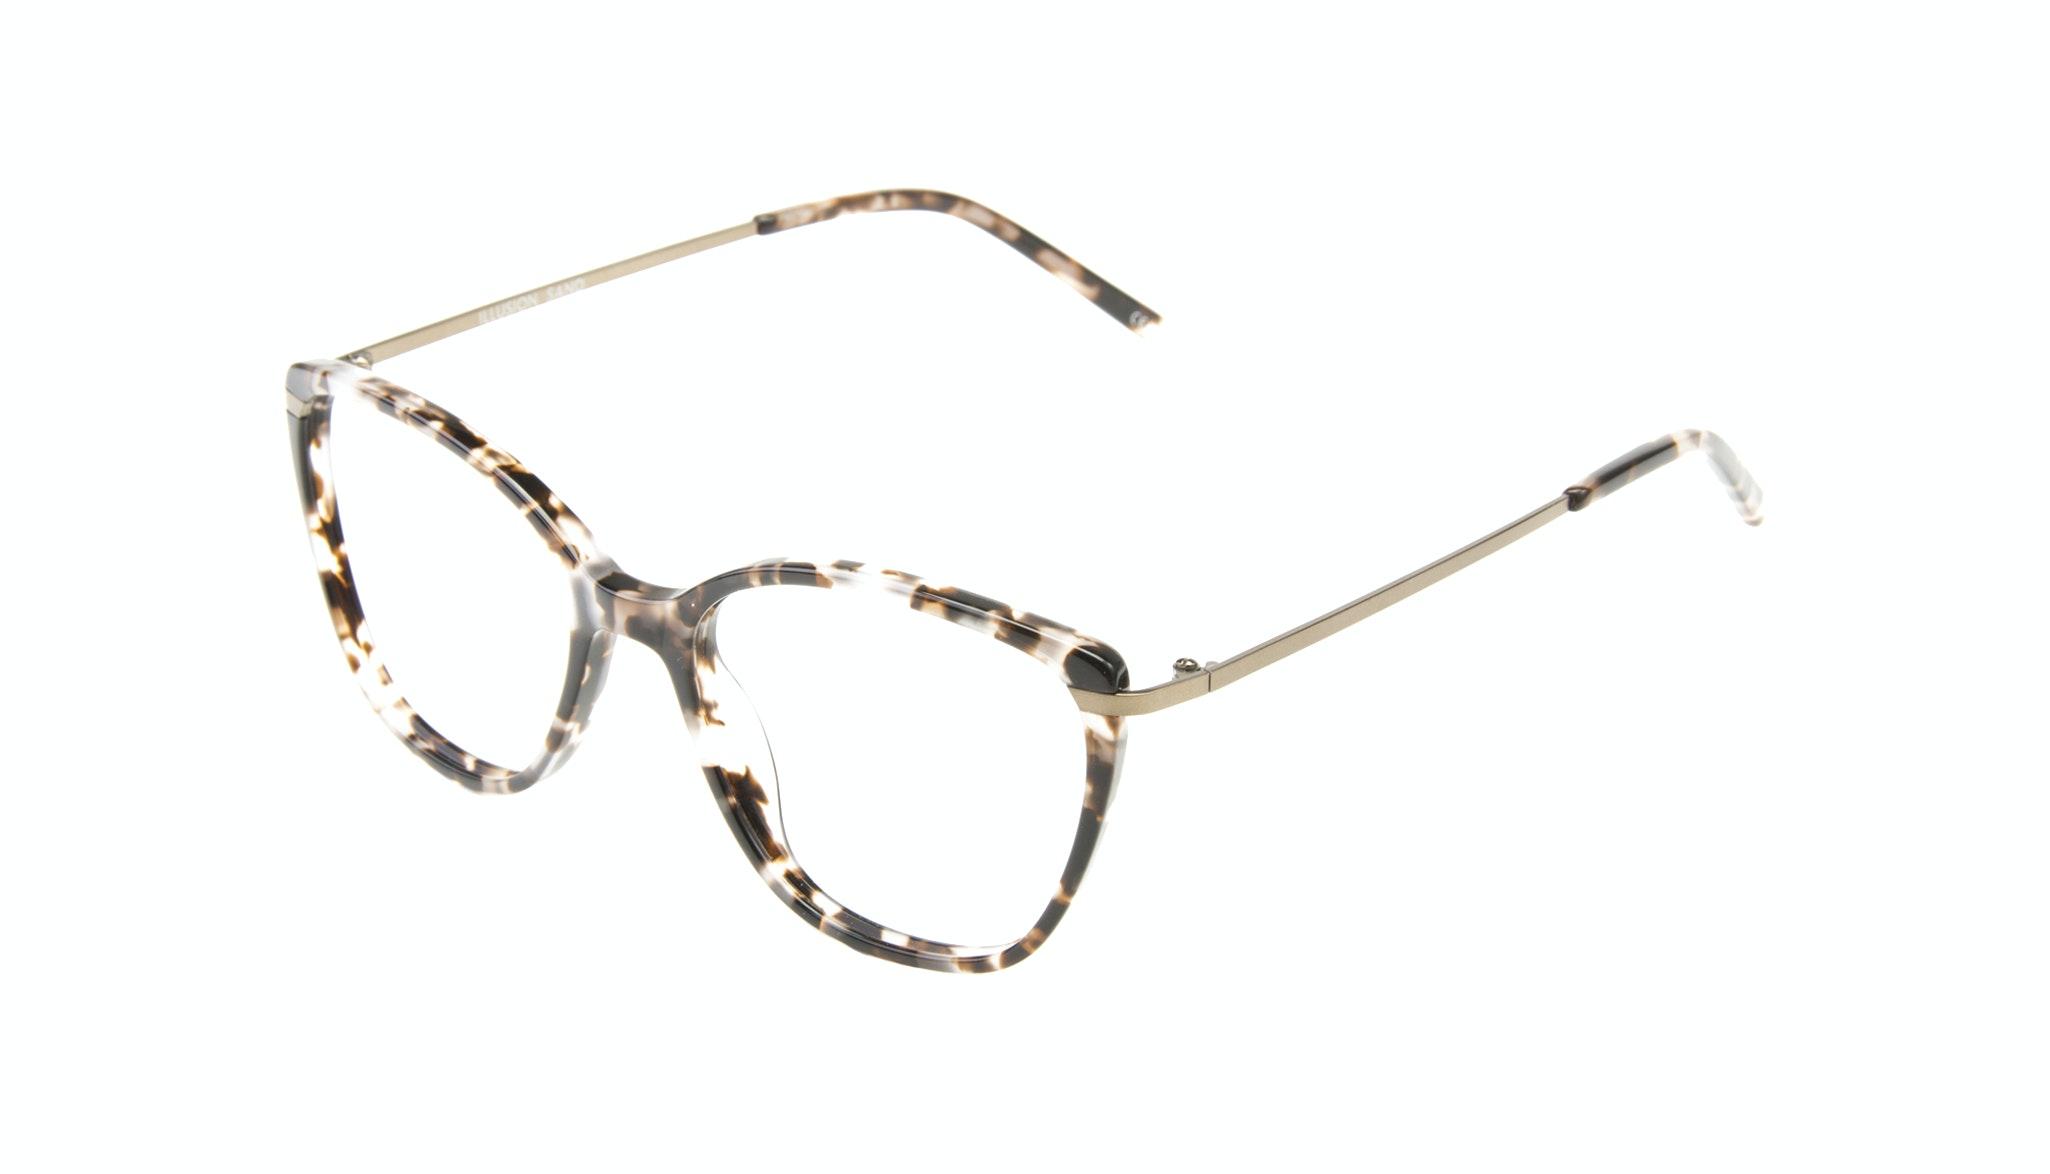 Lunettes tendance Oeil de chat Rectangle Carrée Lunettes de vue Femmes Illusion Sand Incliné